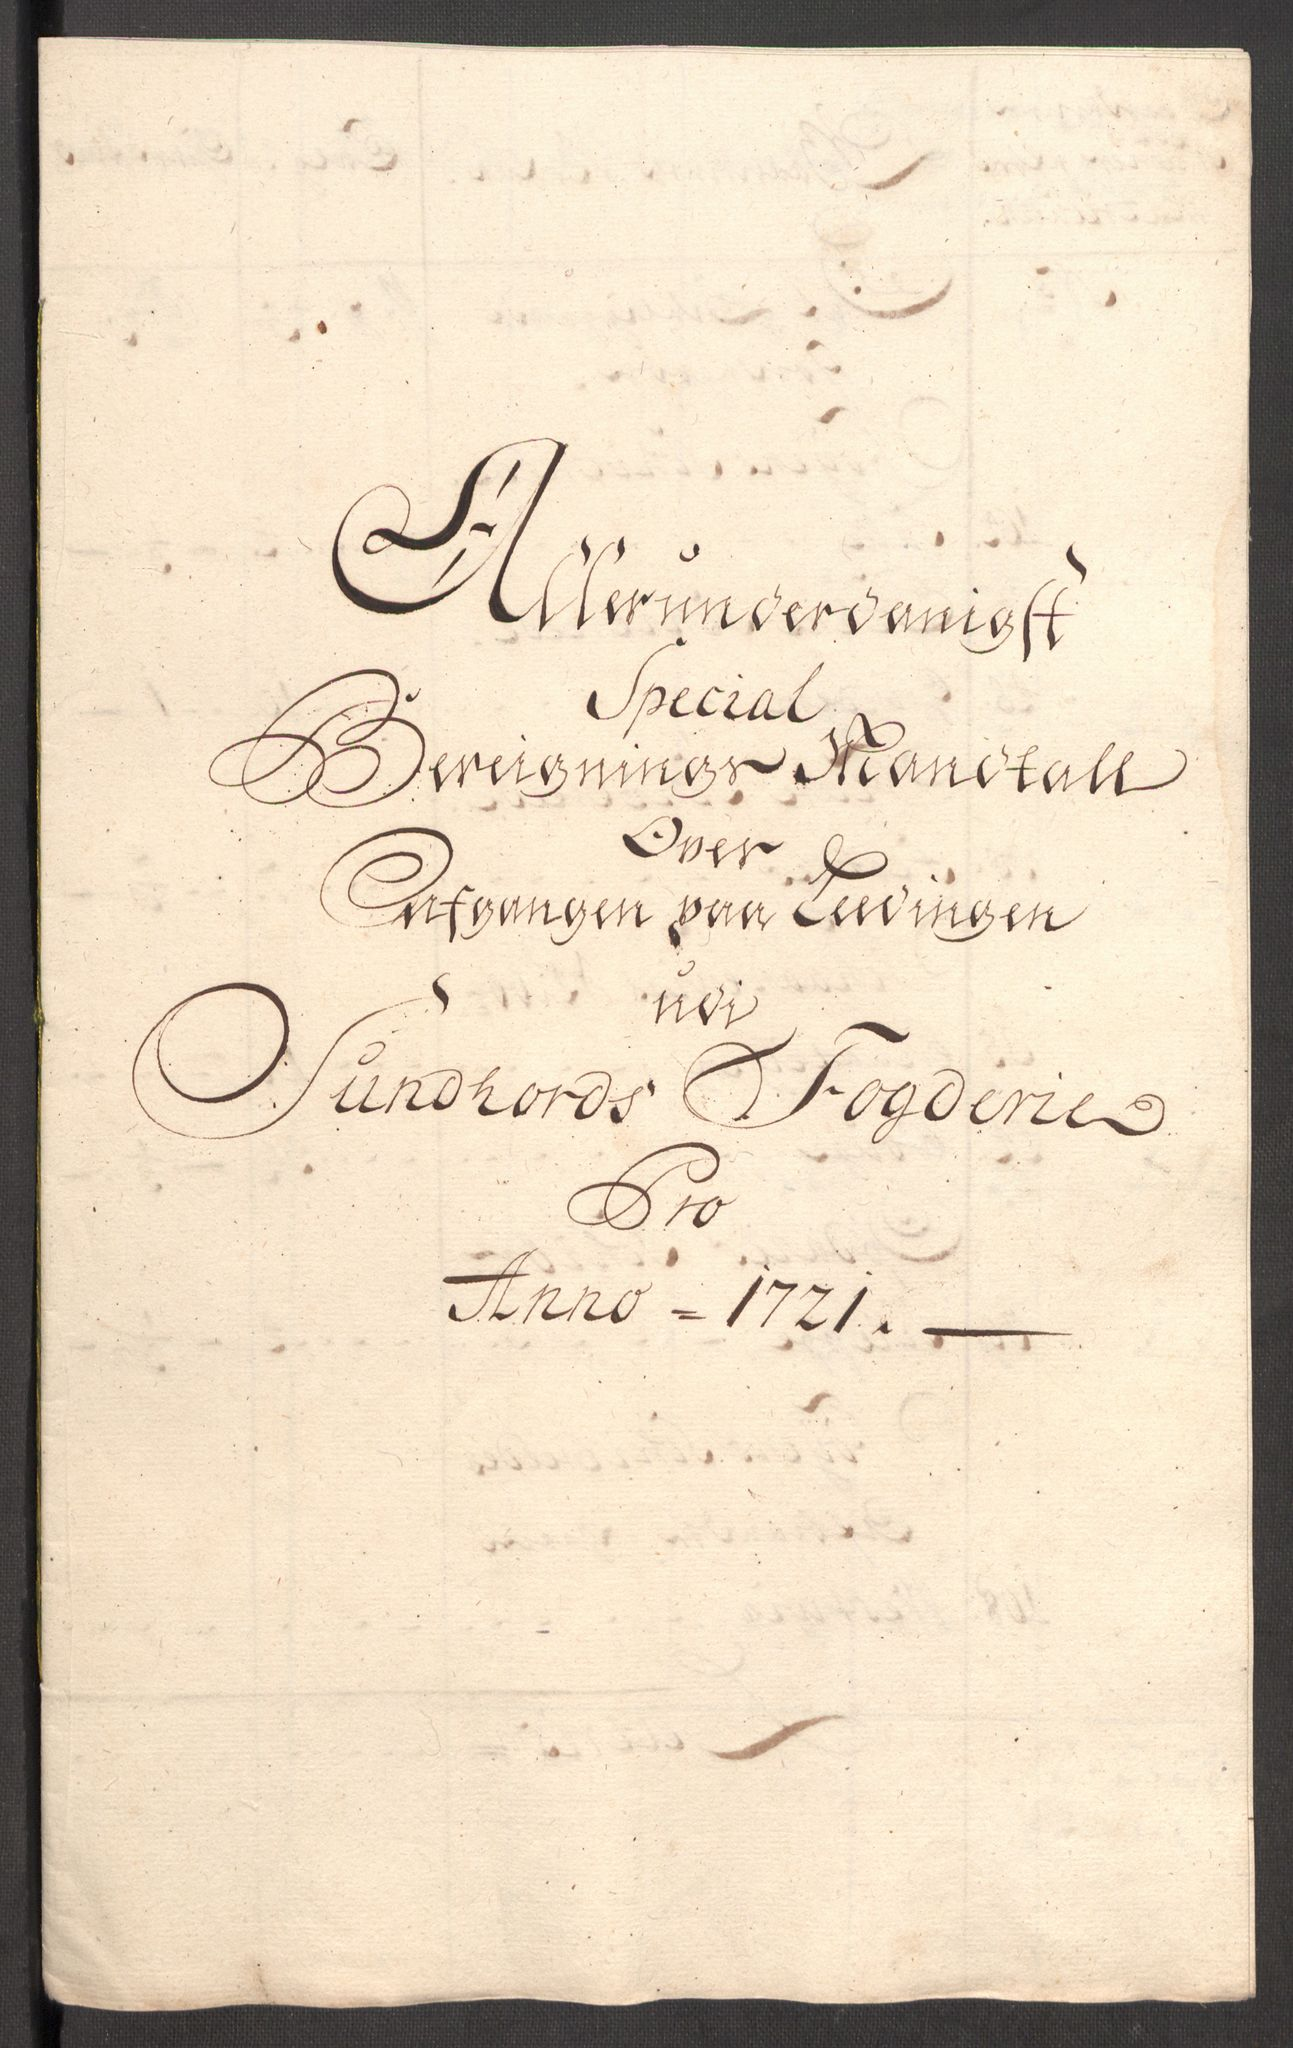 RA, Rentekammeret inntil 1814, Reviderte regnskaper, Fogderegnskap, R48/L3000: Fogderegnskap Sunnhordland og Hardanger, 1721, s. 291